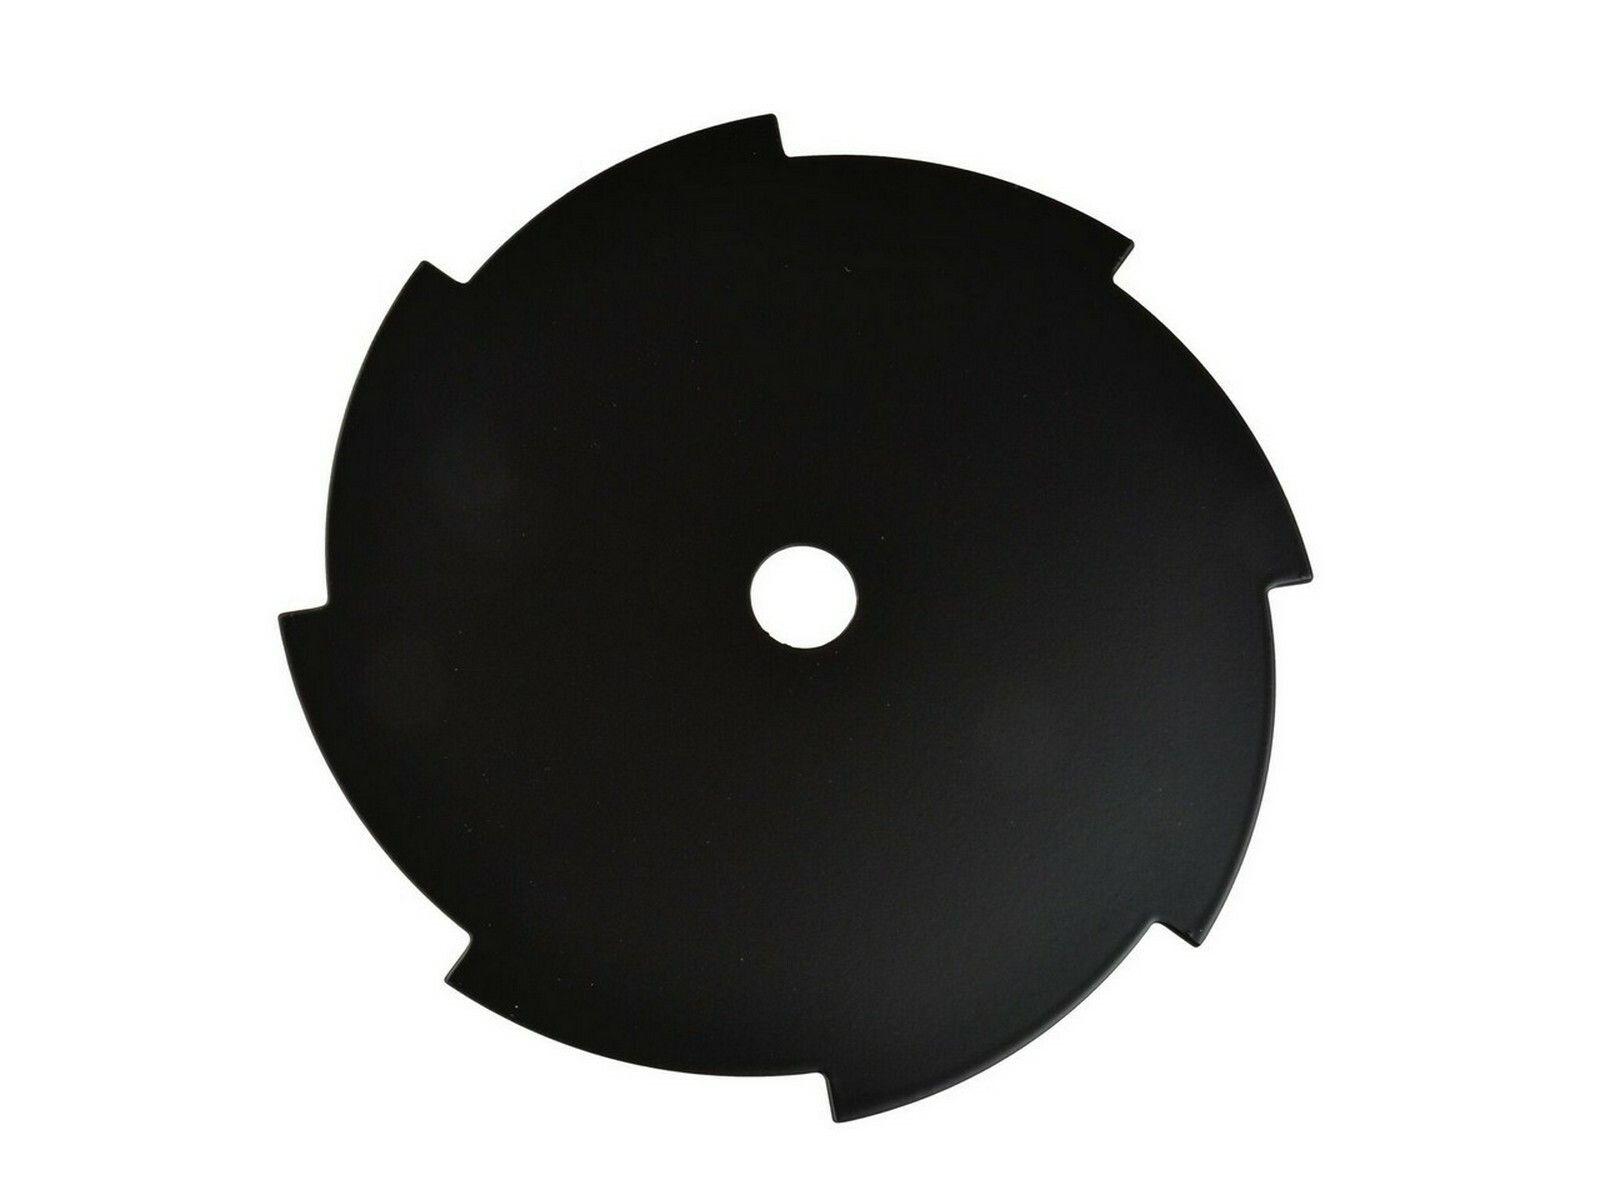 Kotouč do sekačky, 253x1,6mm, otvor 25mm, 8T, GEKO G81069L